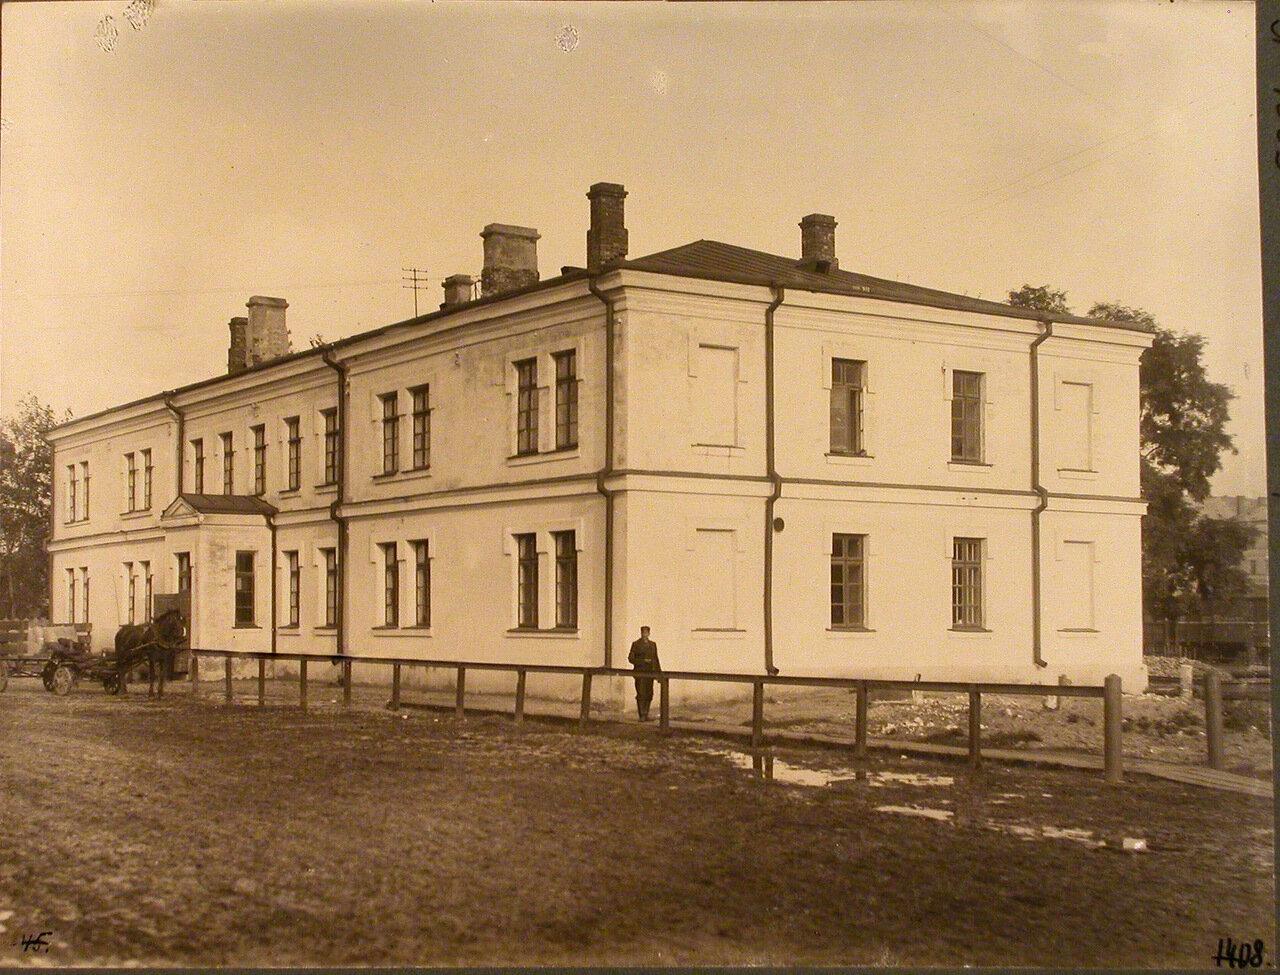 Варшавская губерния. Варшава. 1046 верста. Вид здания товарной конторы на станции.